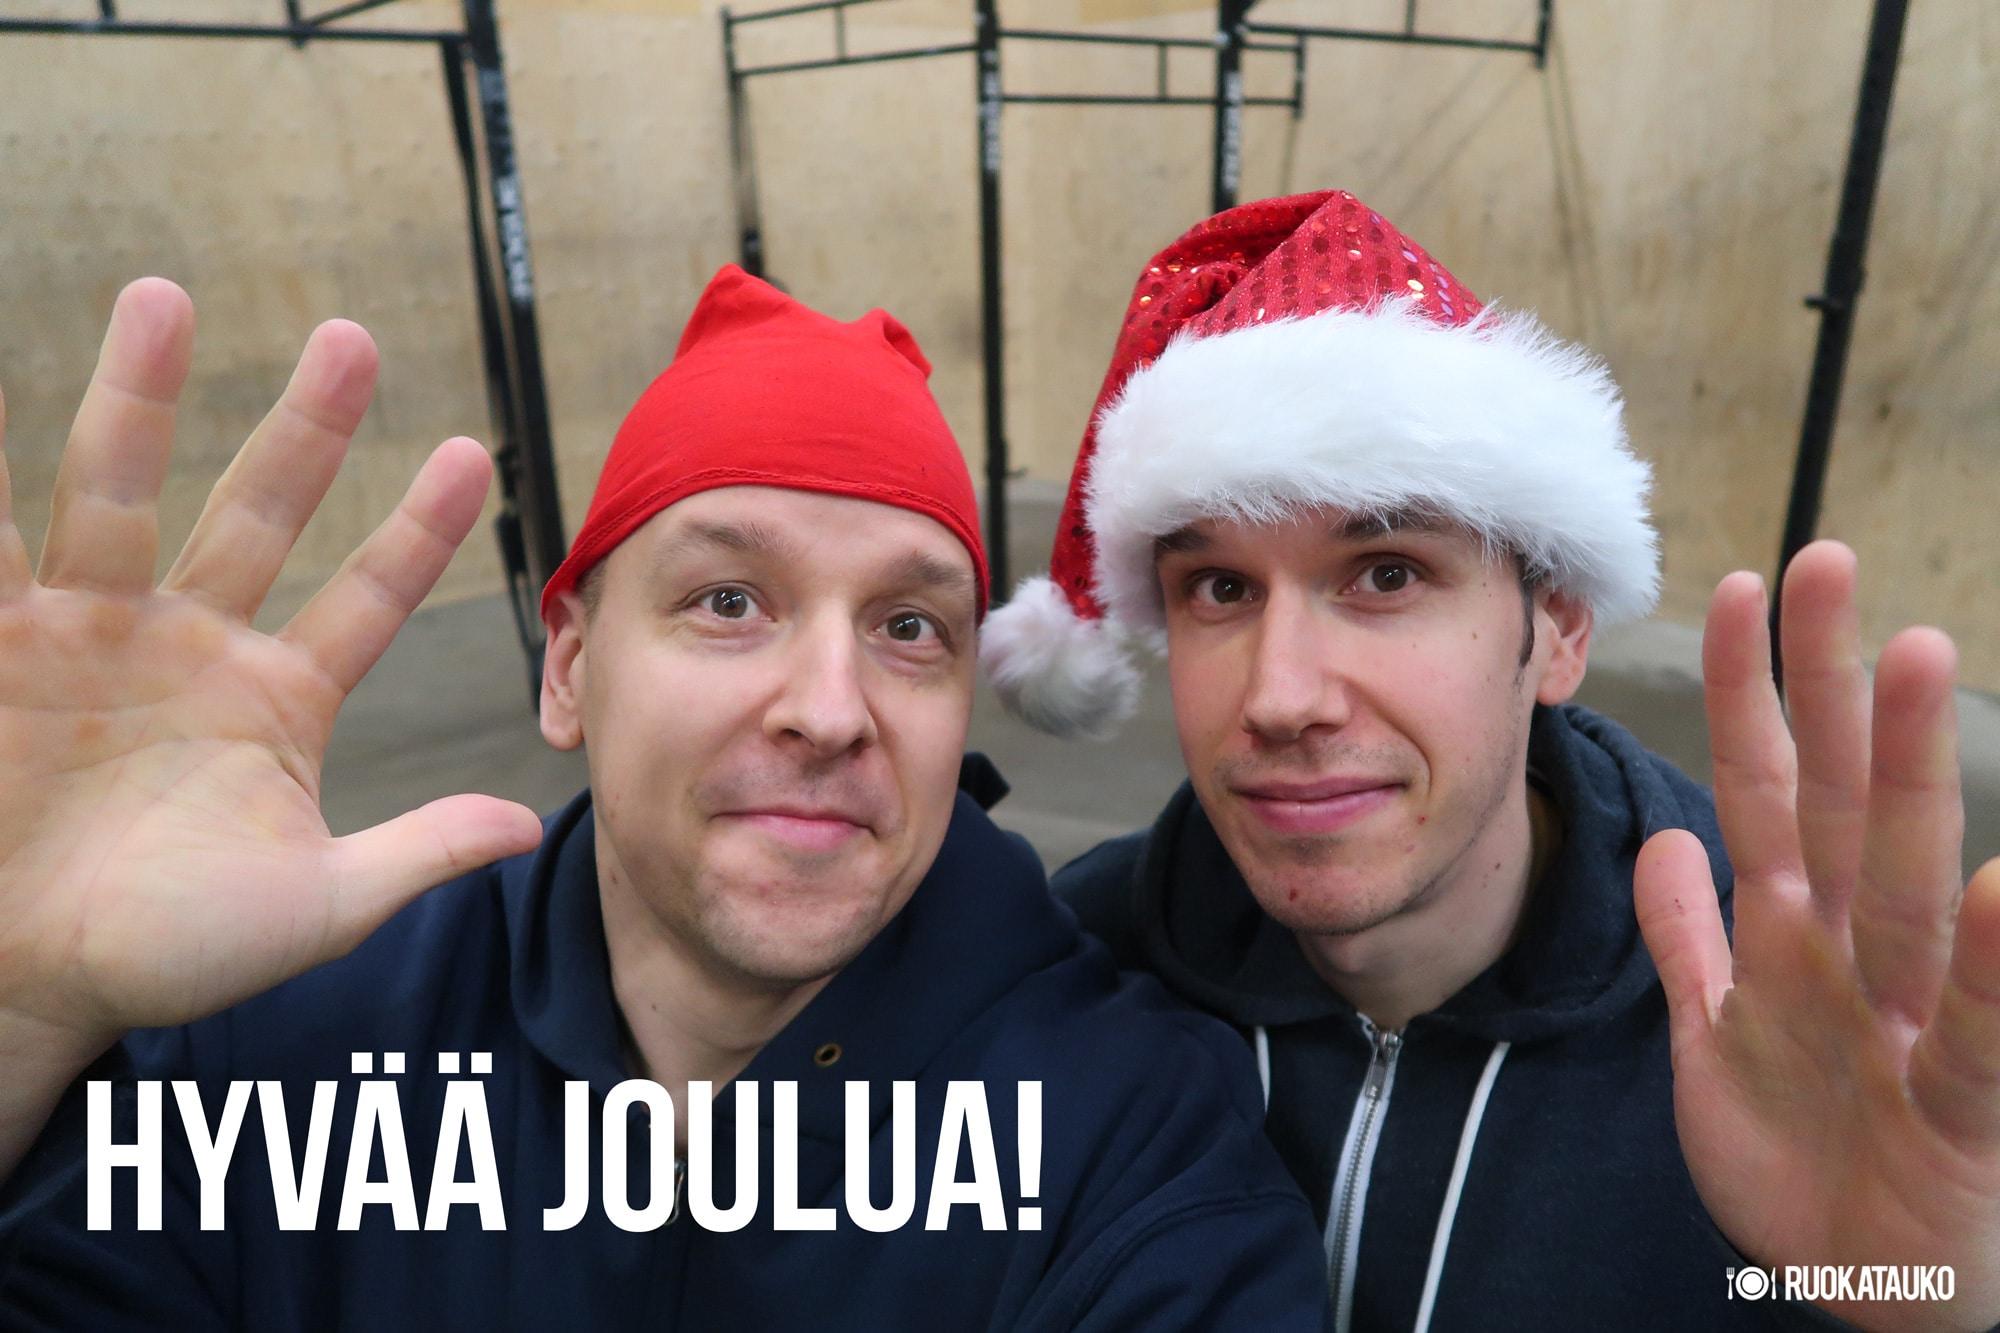 hyvää joulua 2018